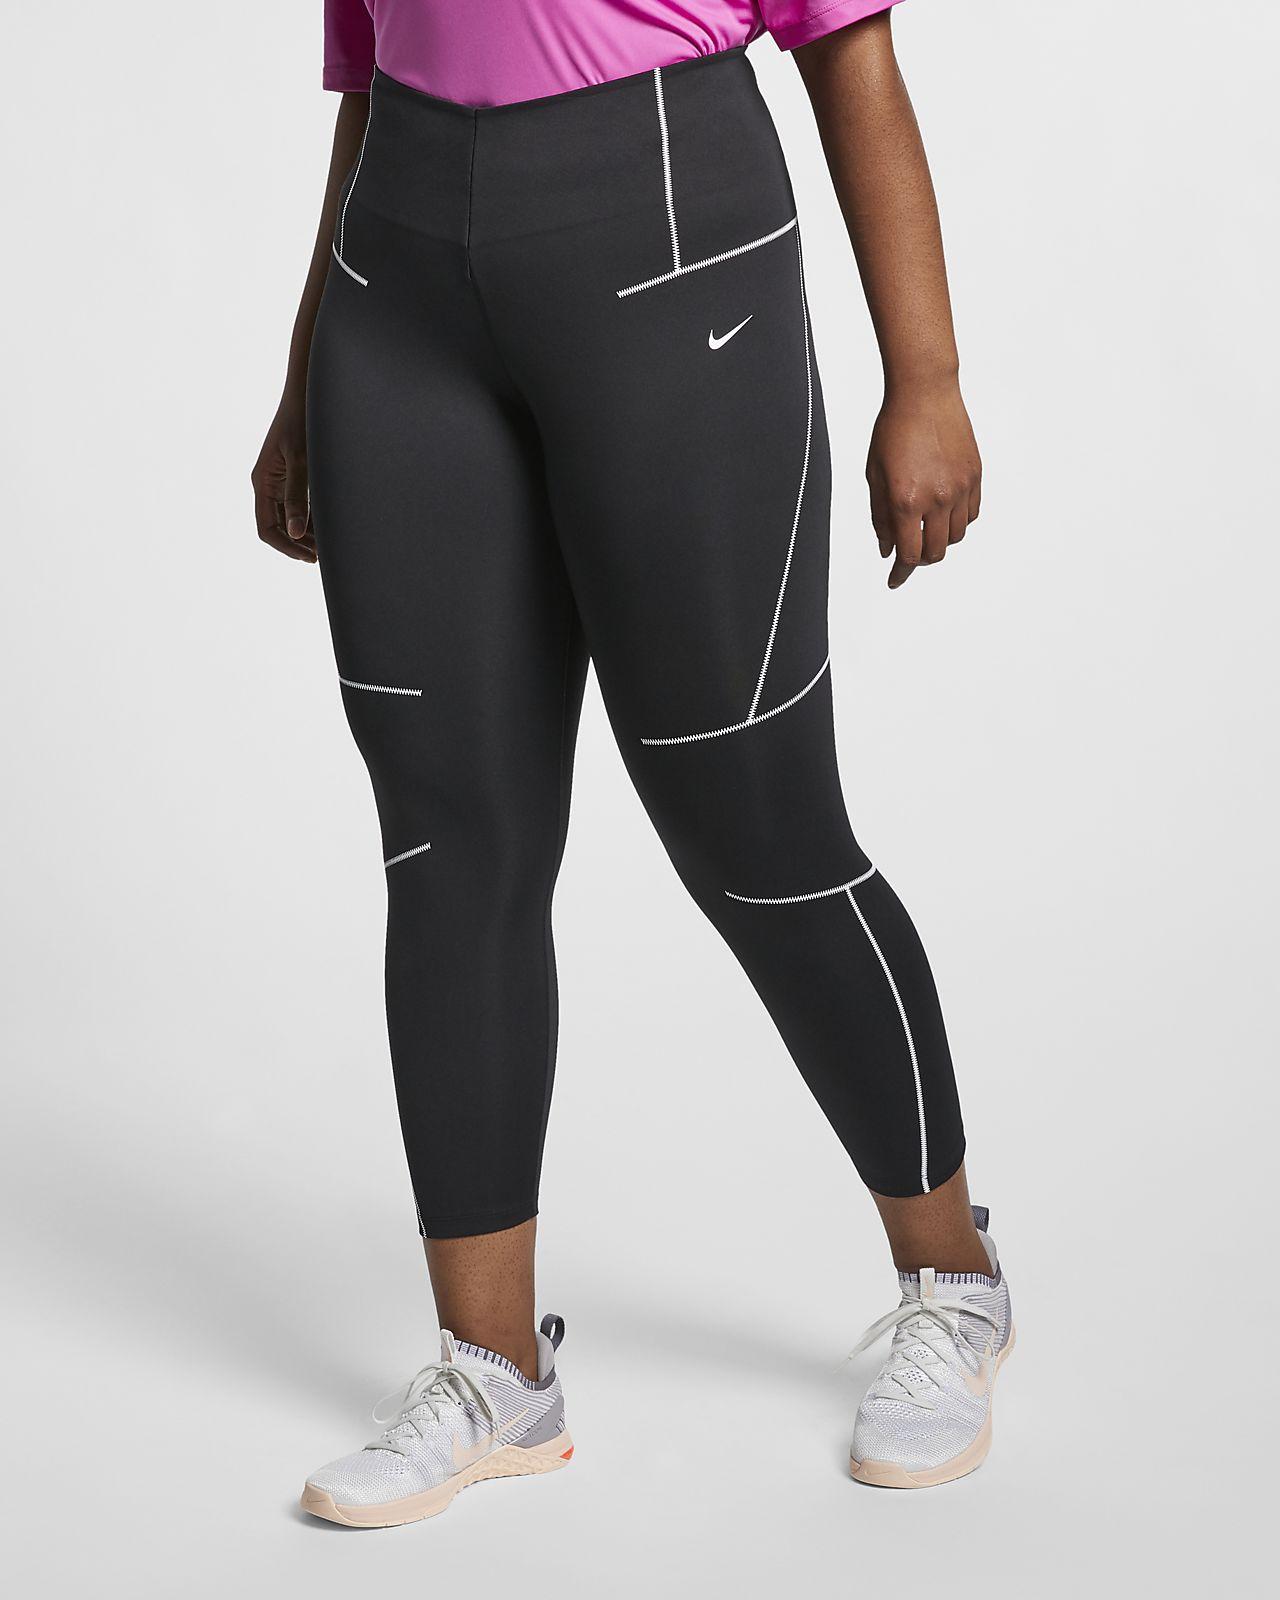 Träningstights Nike för kvinnor (Plus Size)